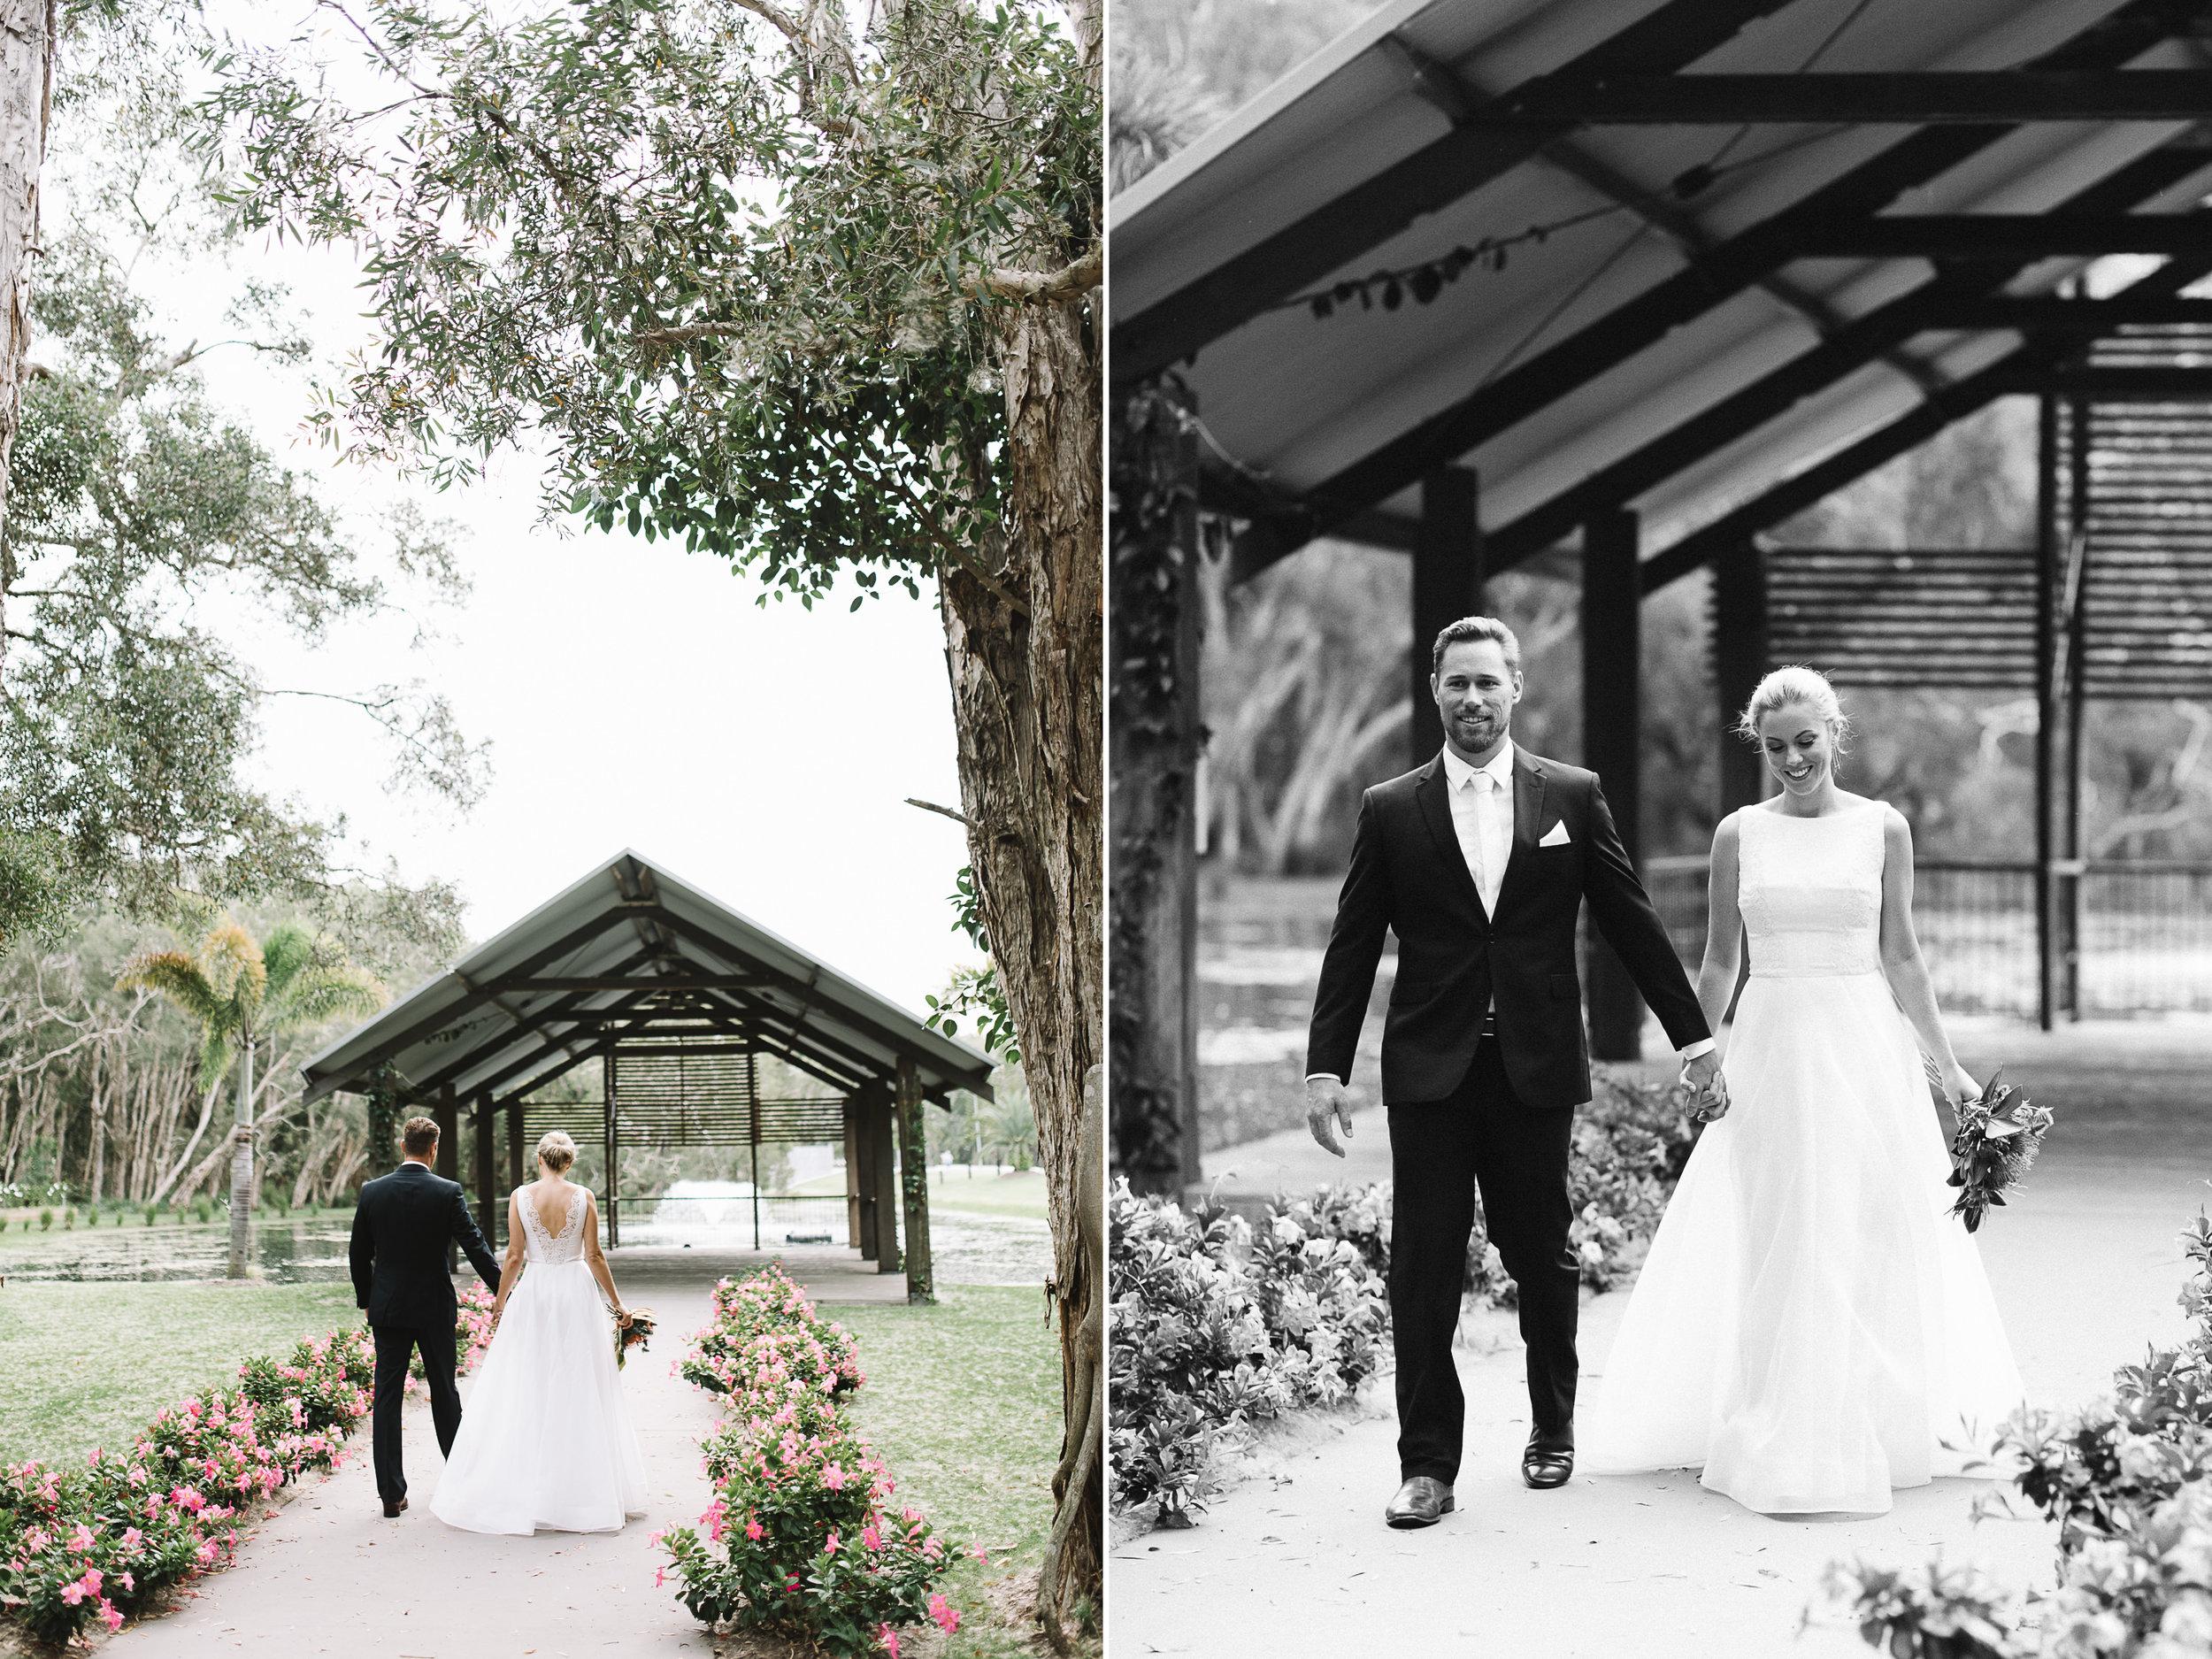 wedding-photography-brisbane-sandstone-point-hotel-bribie-island-22.jpg